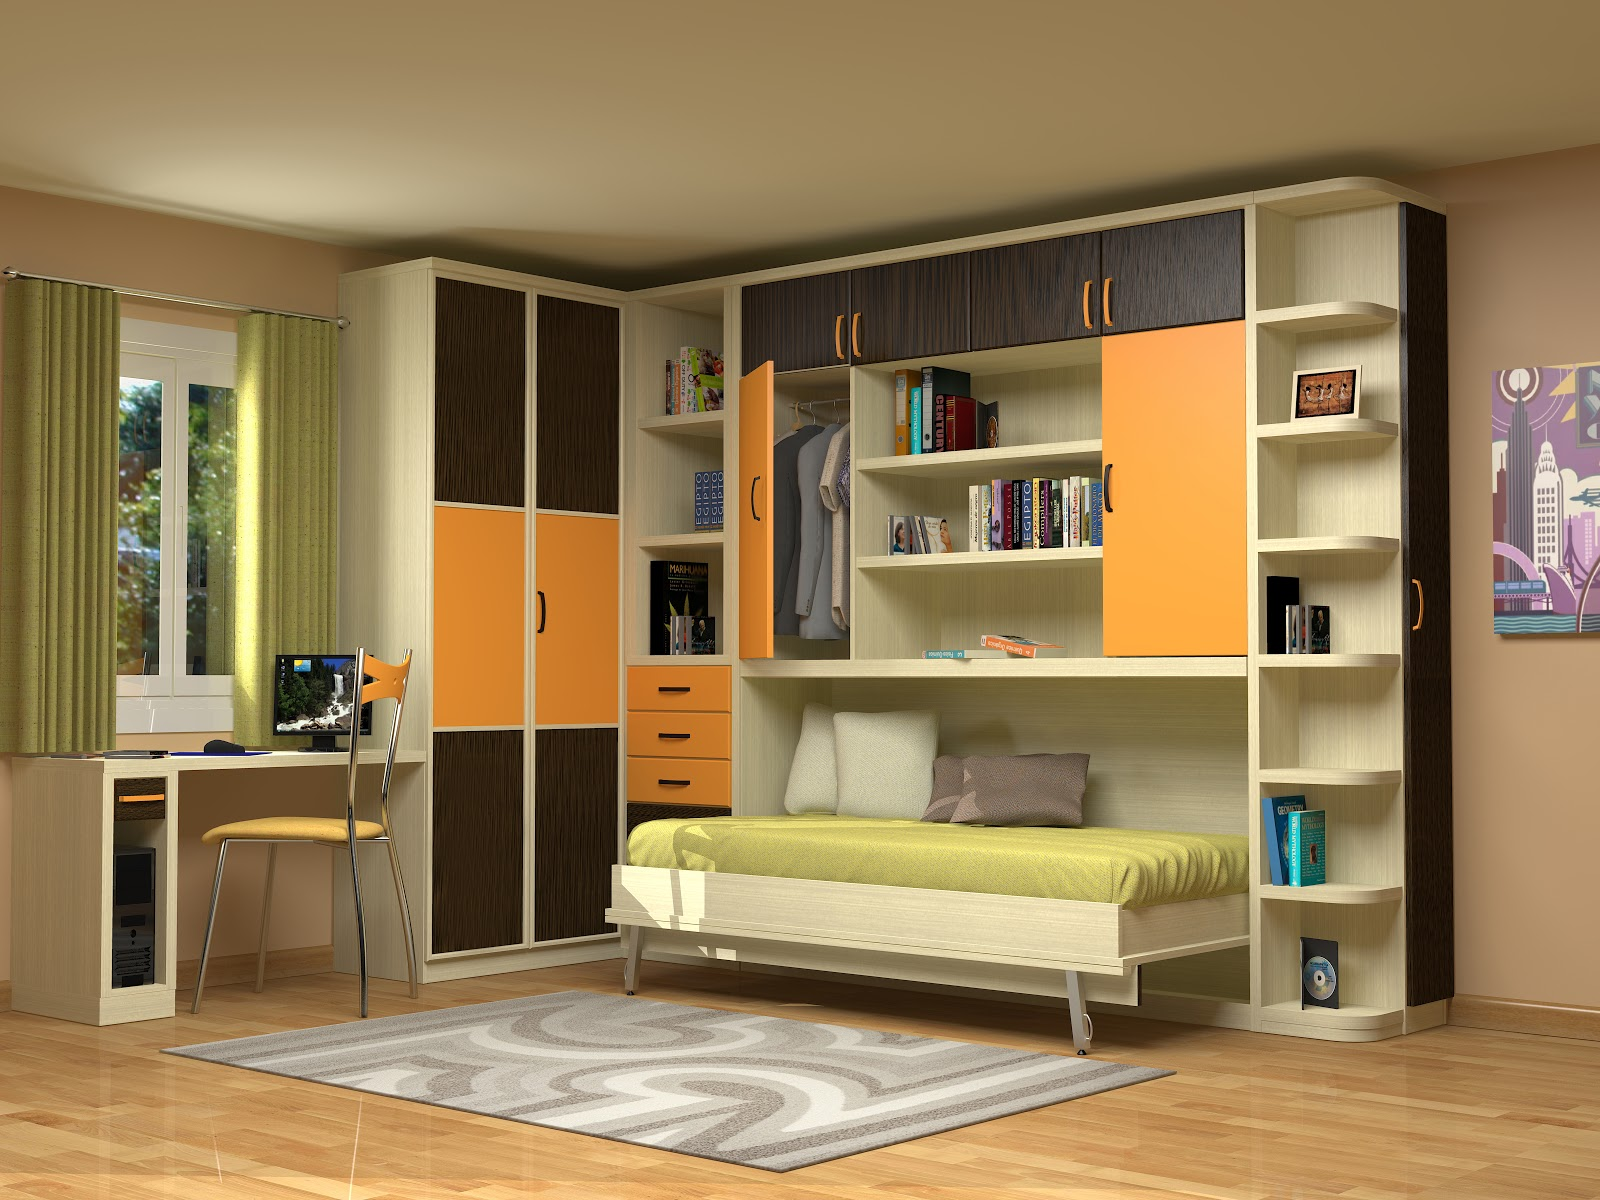 Muebles juveniles dormitorios infantiles y habitaciones - Camas juveniles precios ...